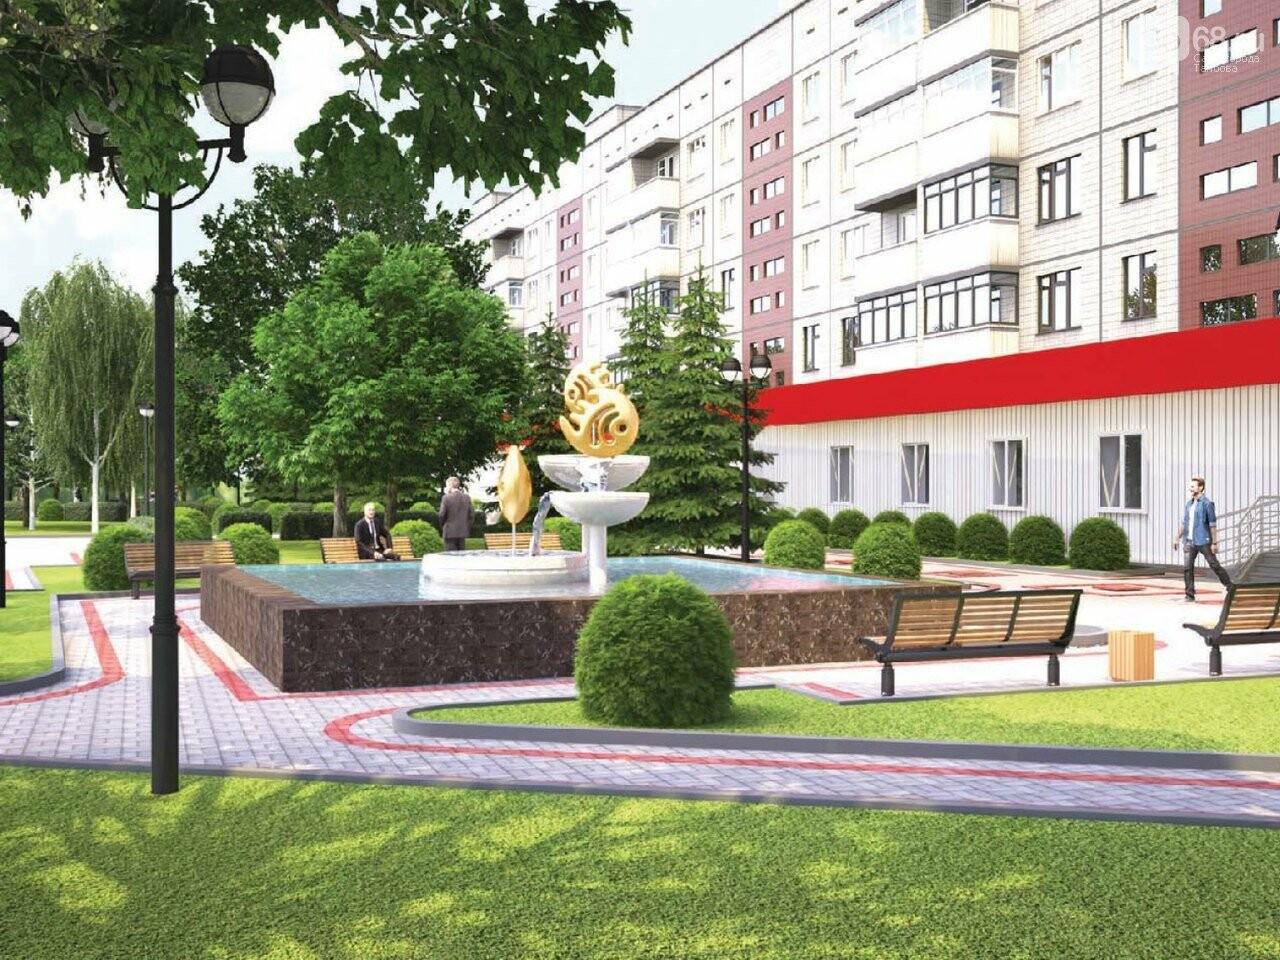 Ремонт парков и скверов Тамбова отложили до сентября, фото-3